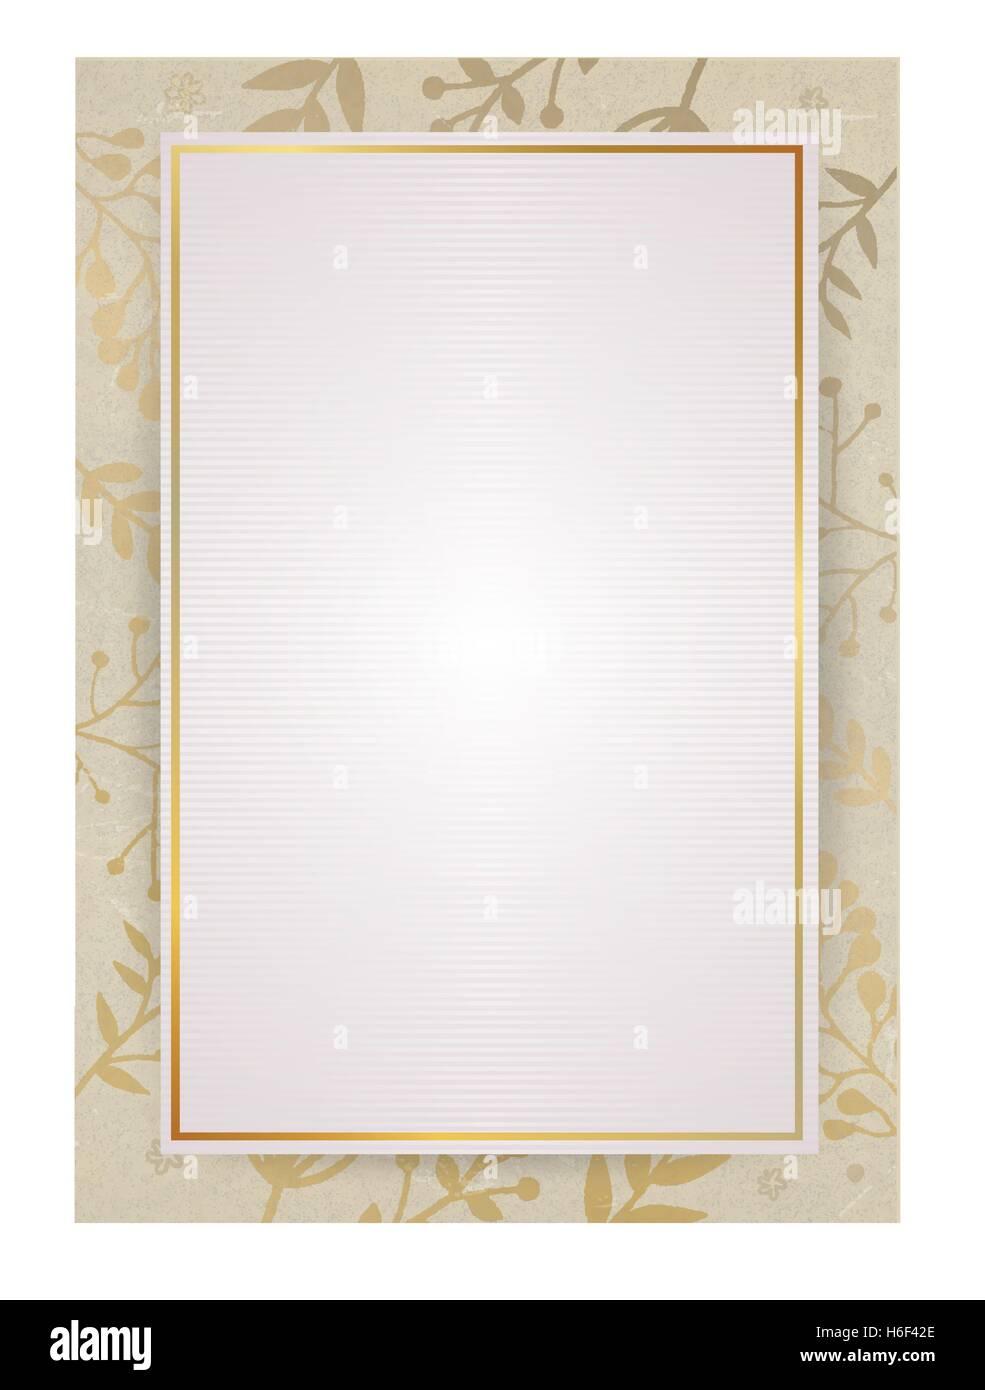 A4-Dokument Größe Weißbuch Hintergrund mit goldenen Flora ...